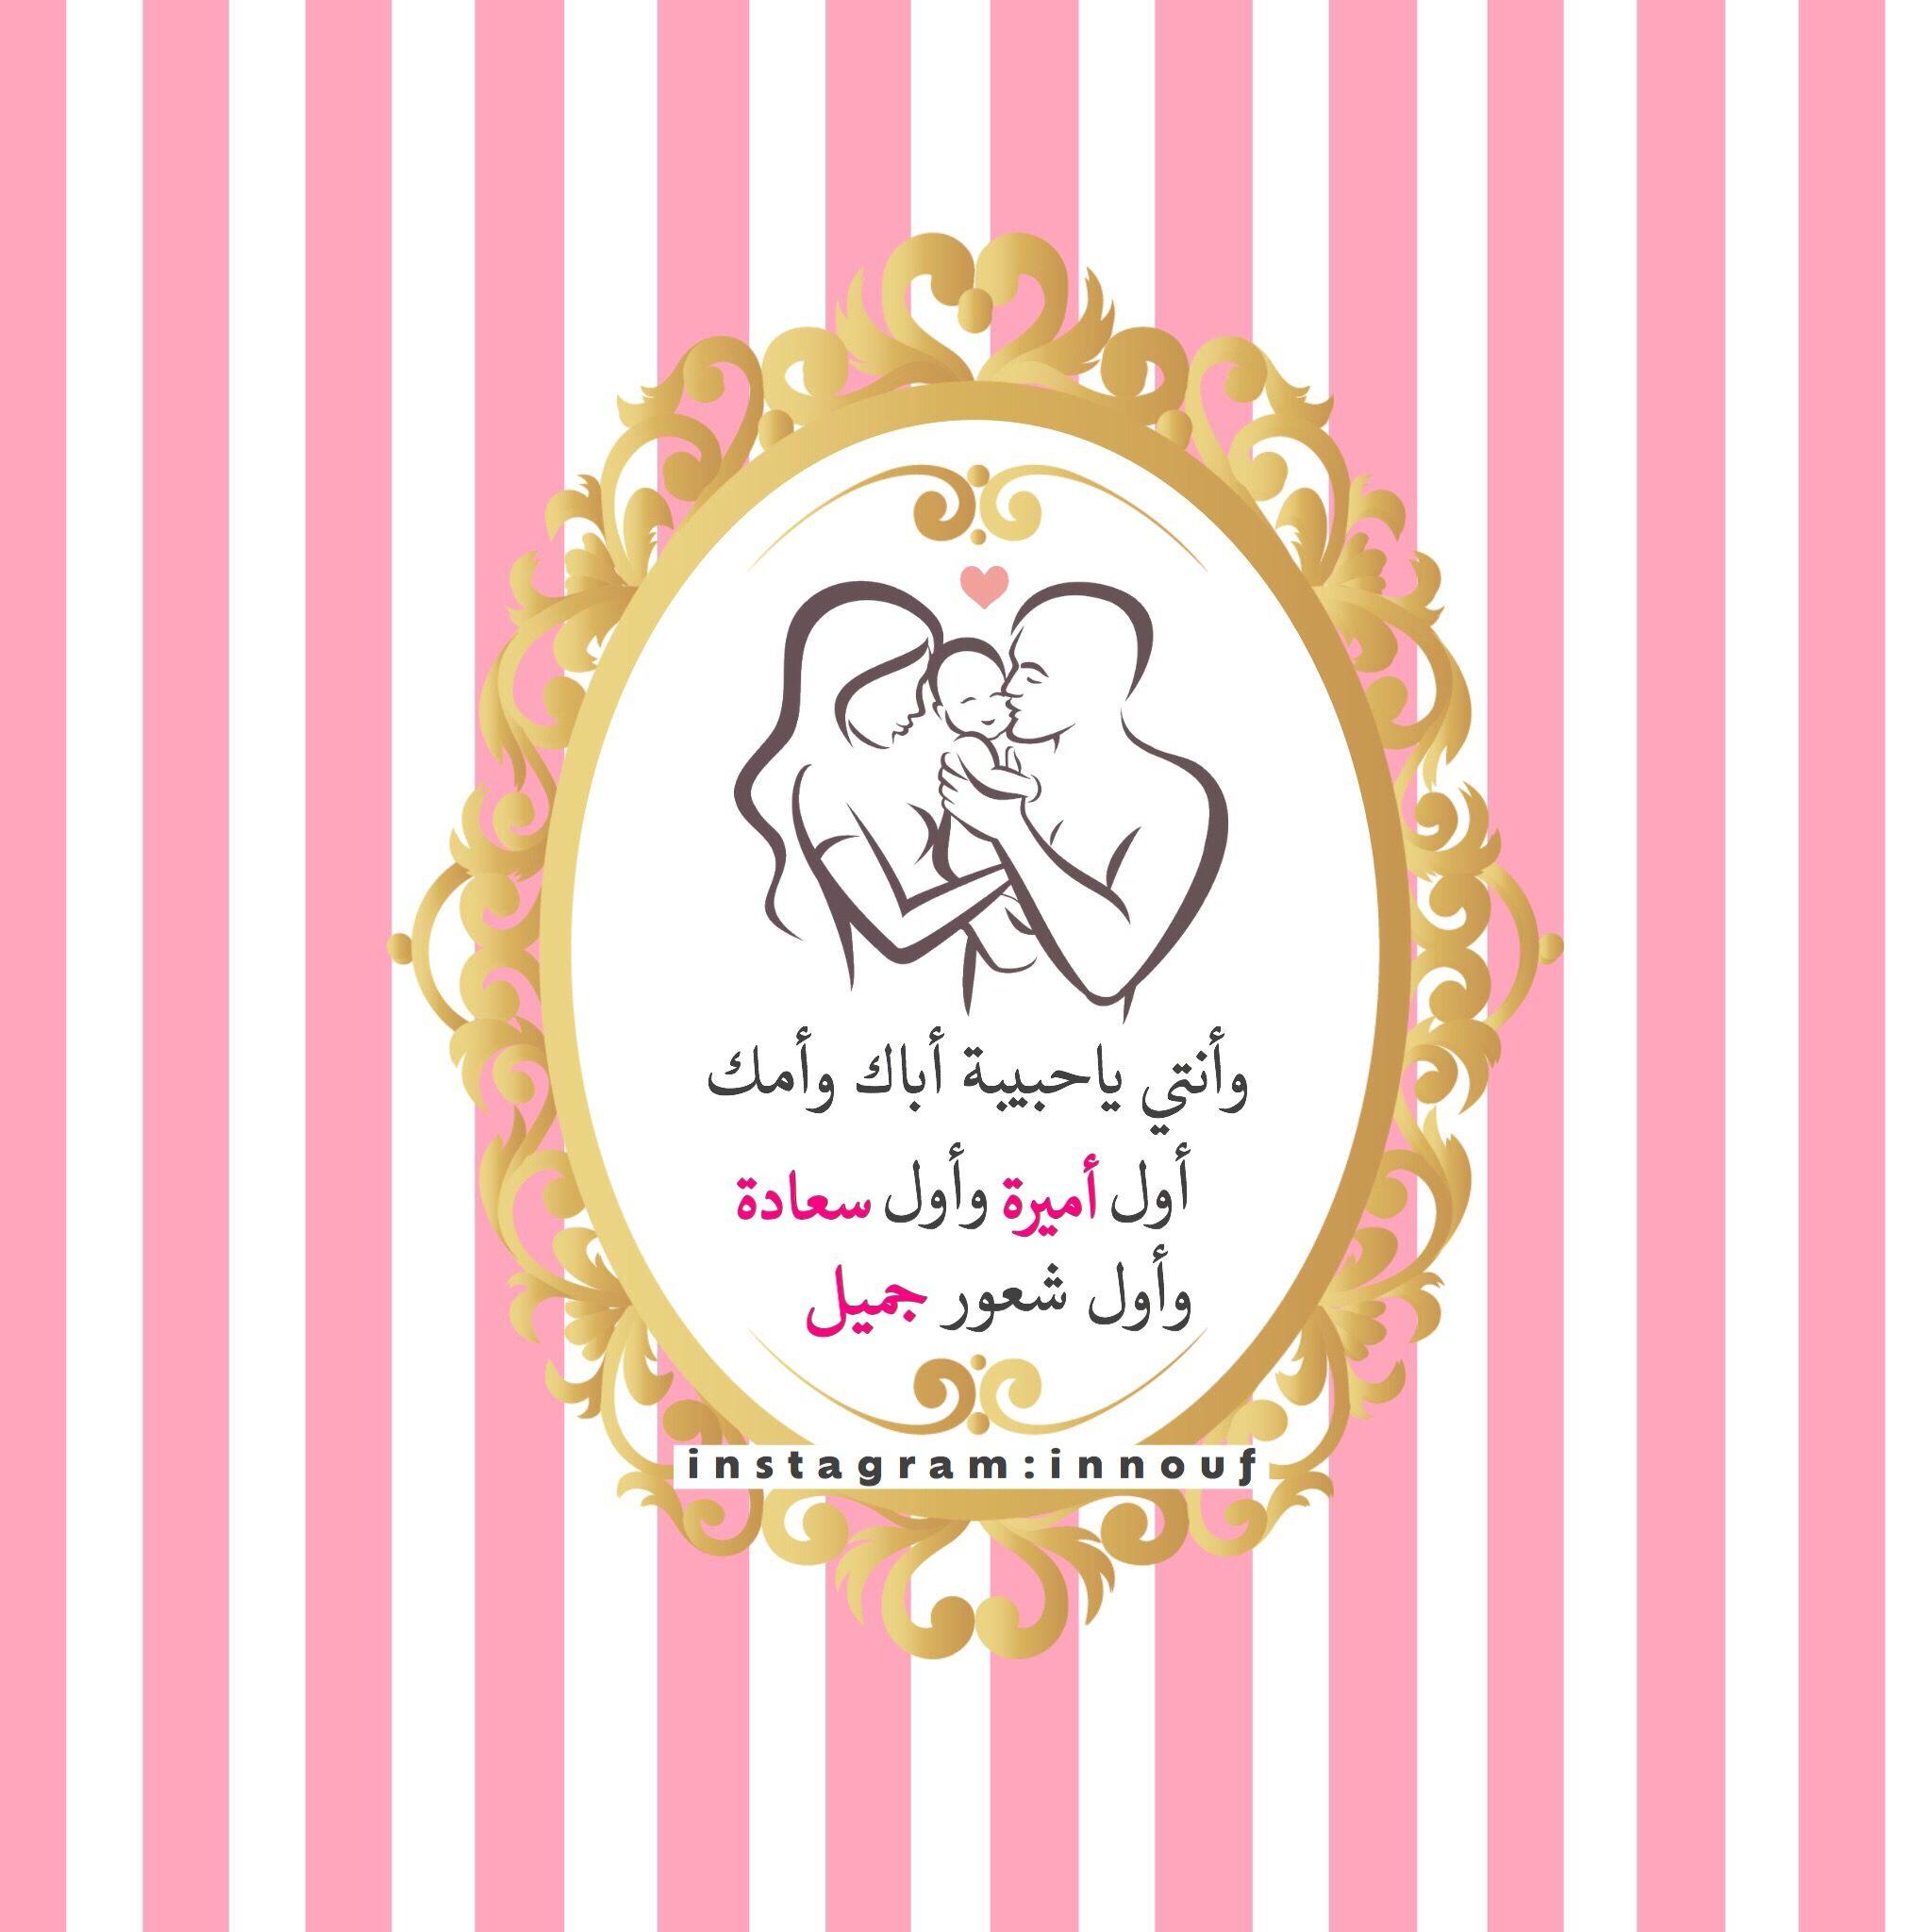 تصميم مواليد ثيمات خلفيات Cute Picsart تصاميم امي ابي Baby ادوات قلب اطفال ملصق افتار هي Baby Boy Cards Valentine Wedding Card Origami Gift Box